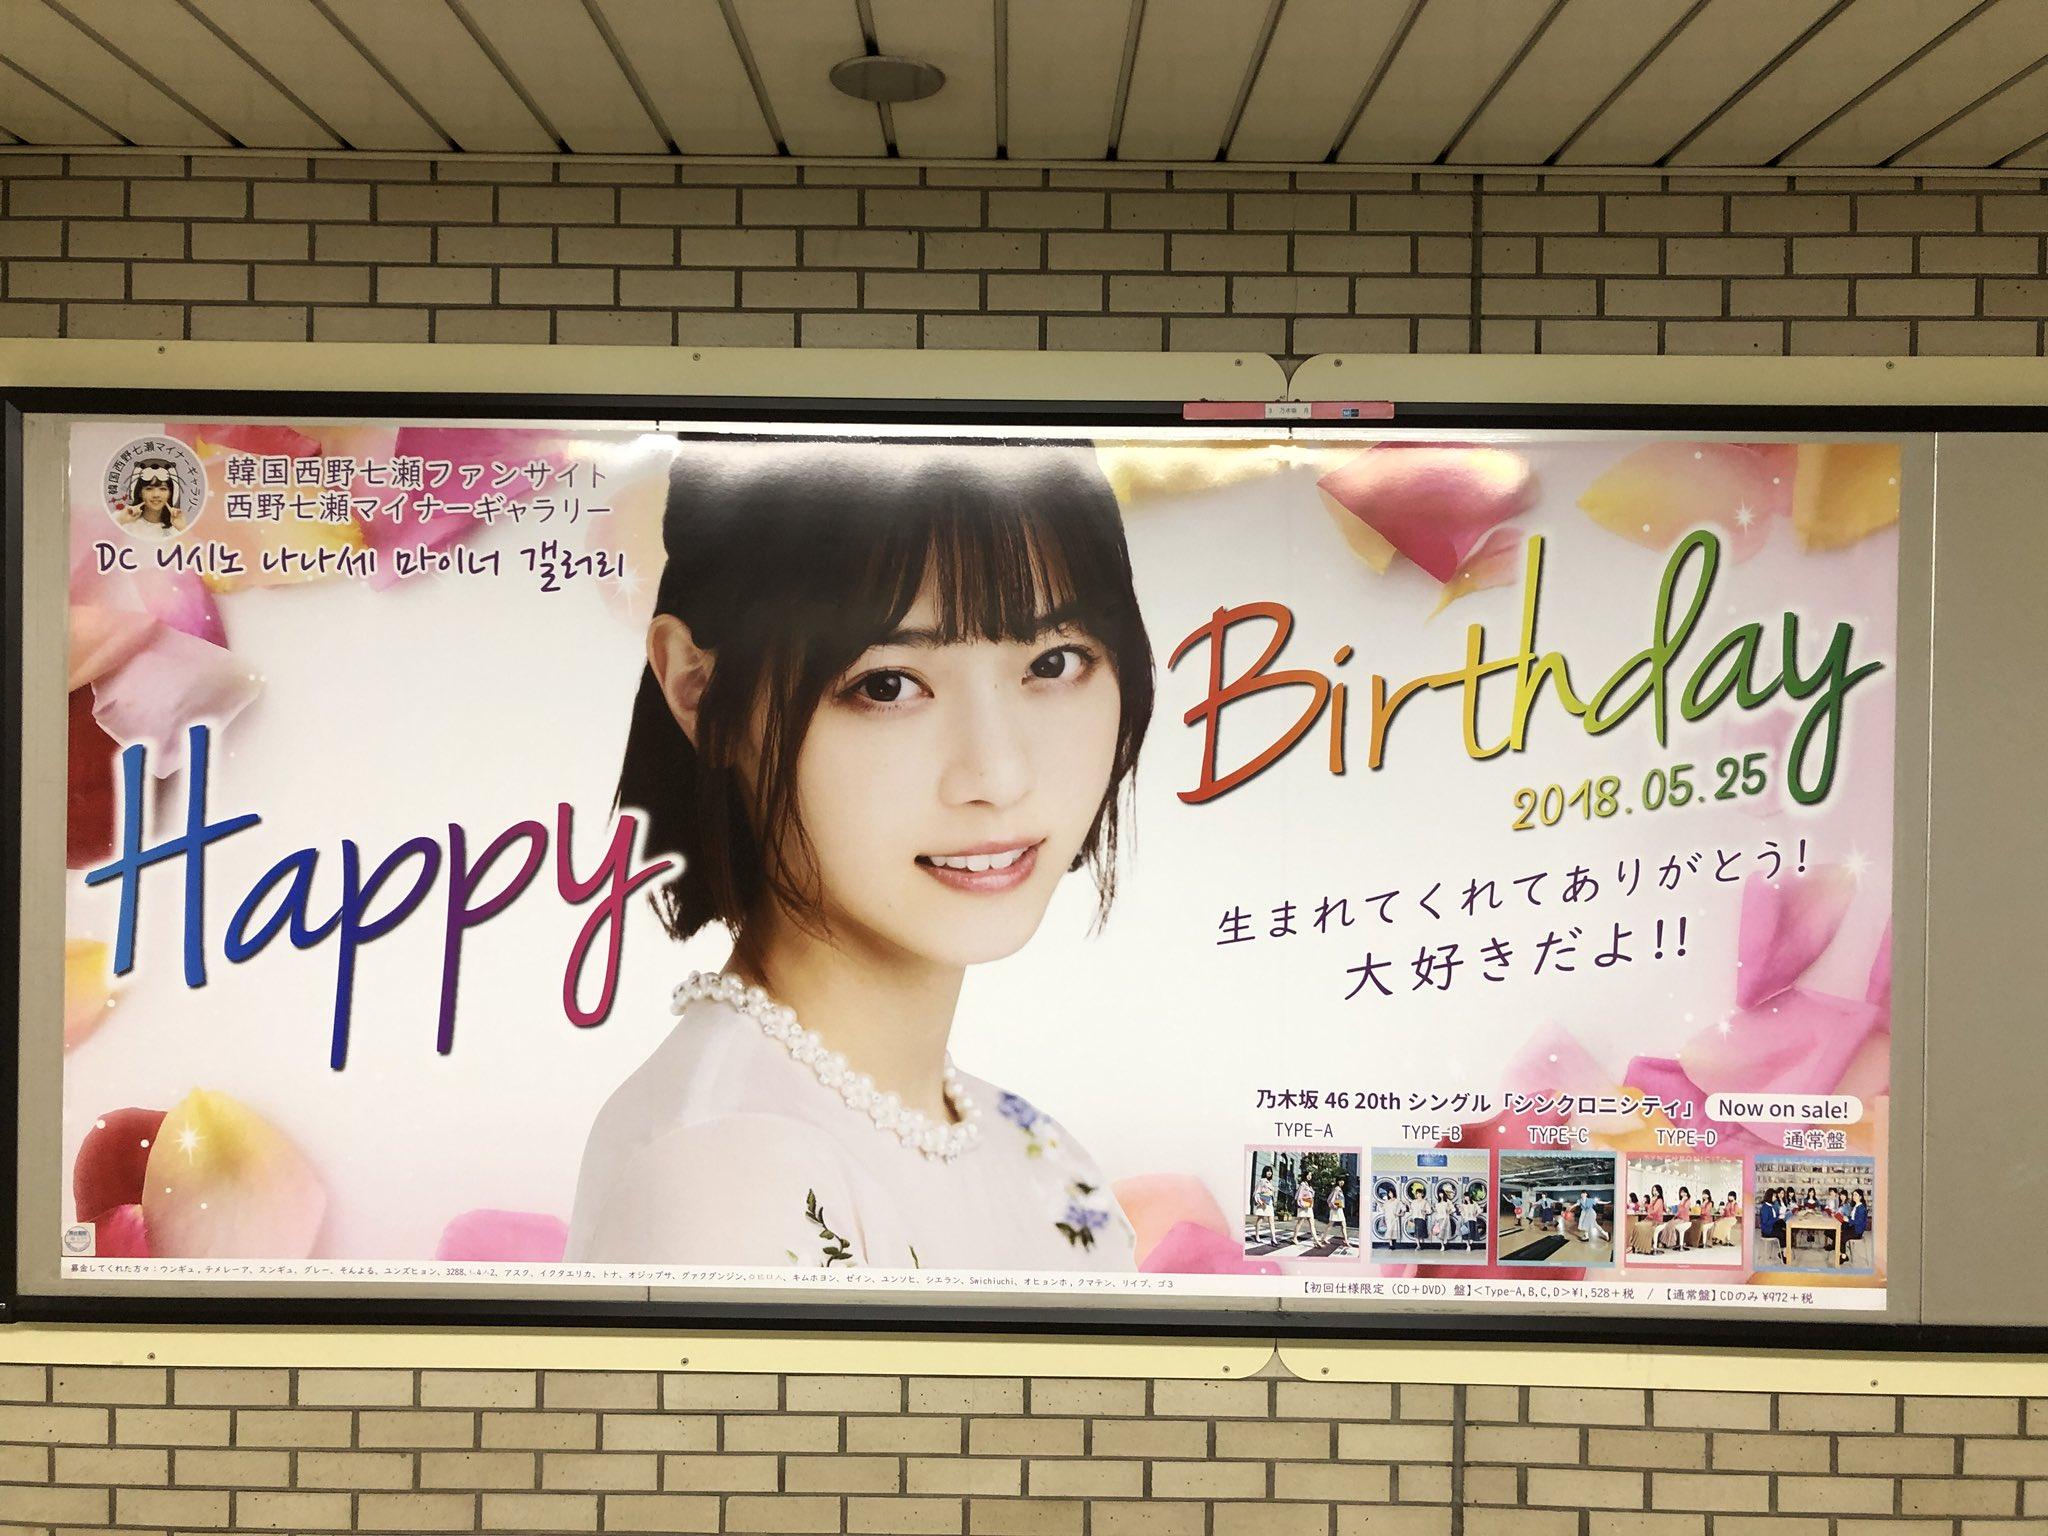 韓国の西野七瀬ファン、乃木坂駅にお誕生日お祝いポスター